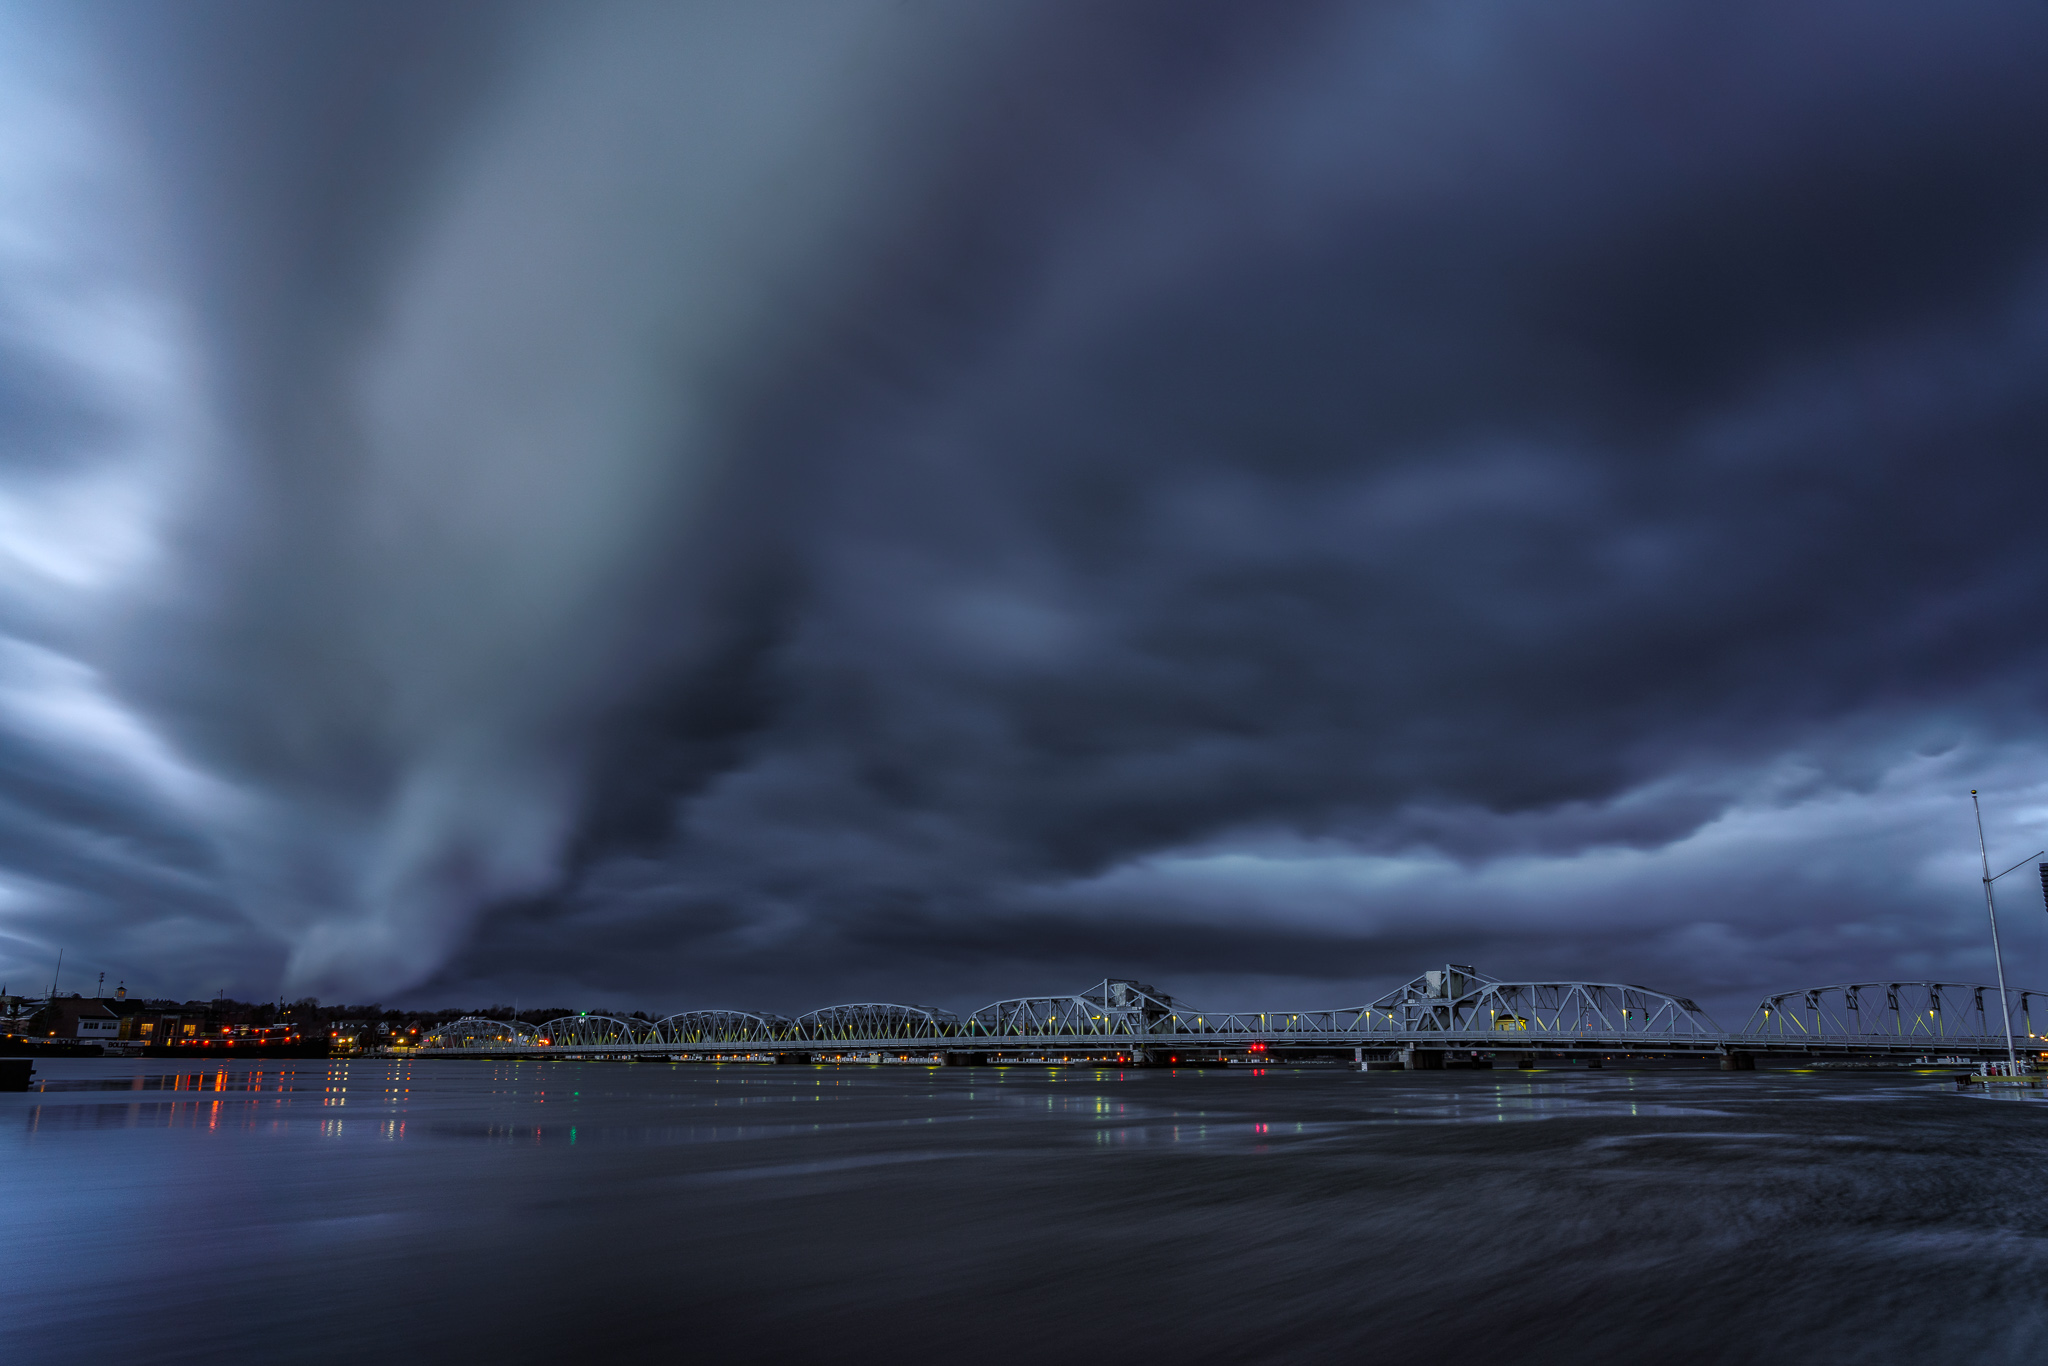 storm coulds, sturgeon bay, door county, wisconsin